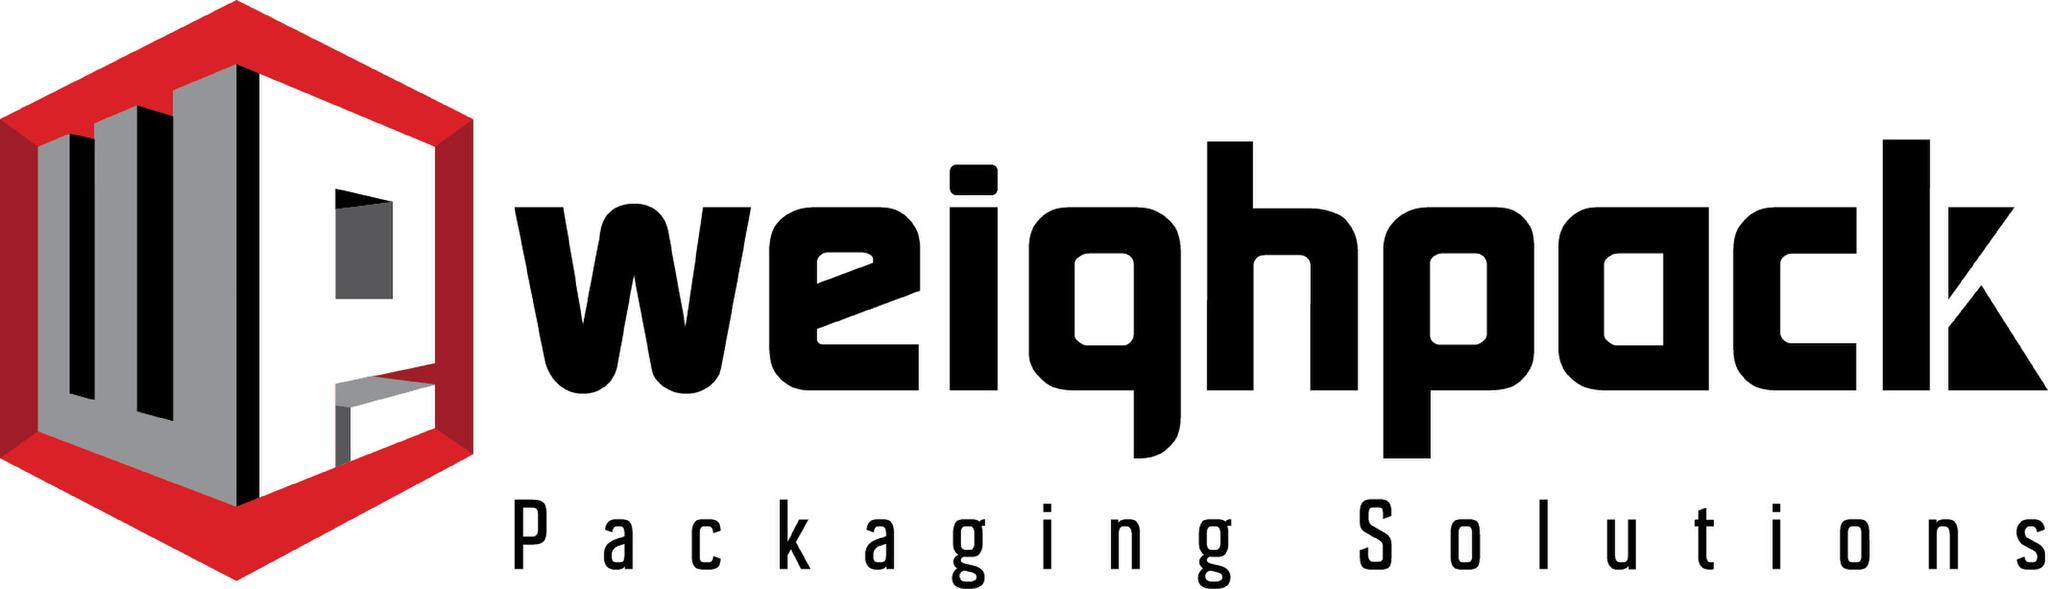 Weighpack